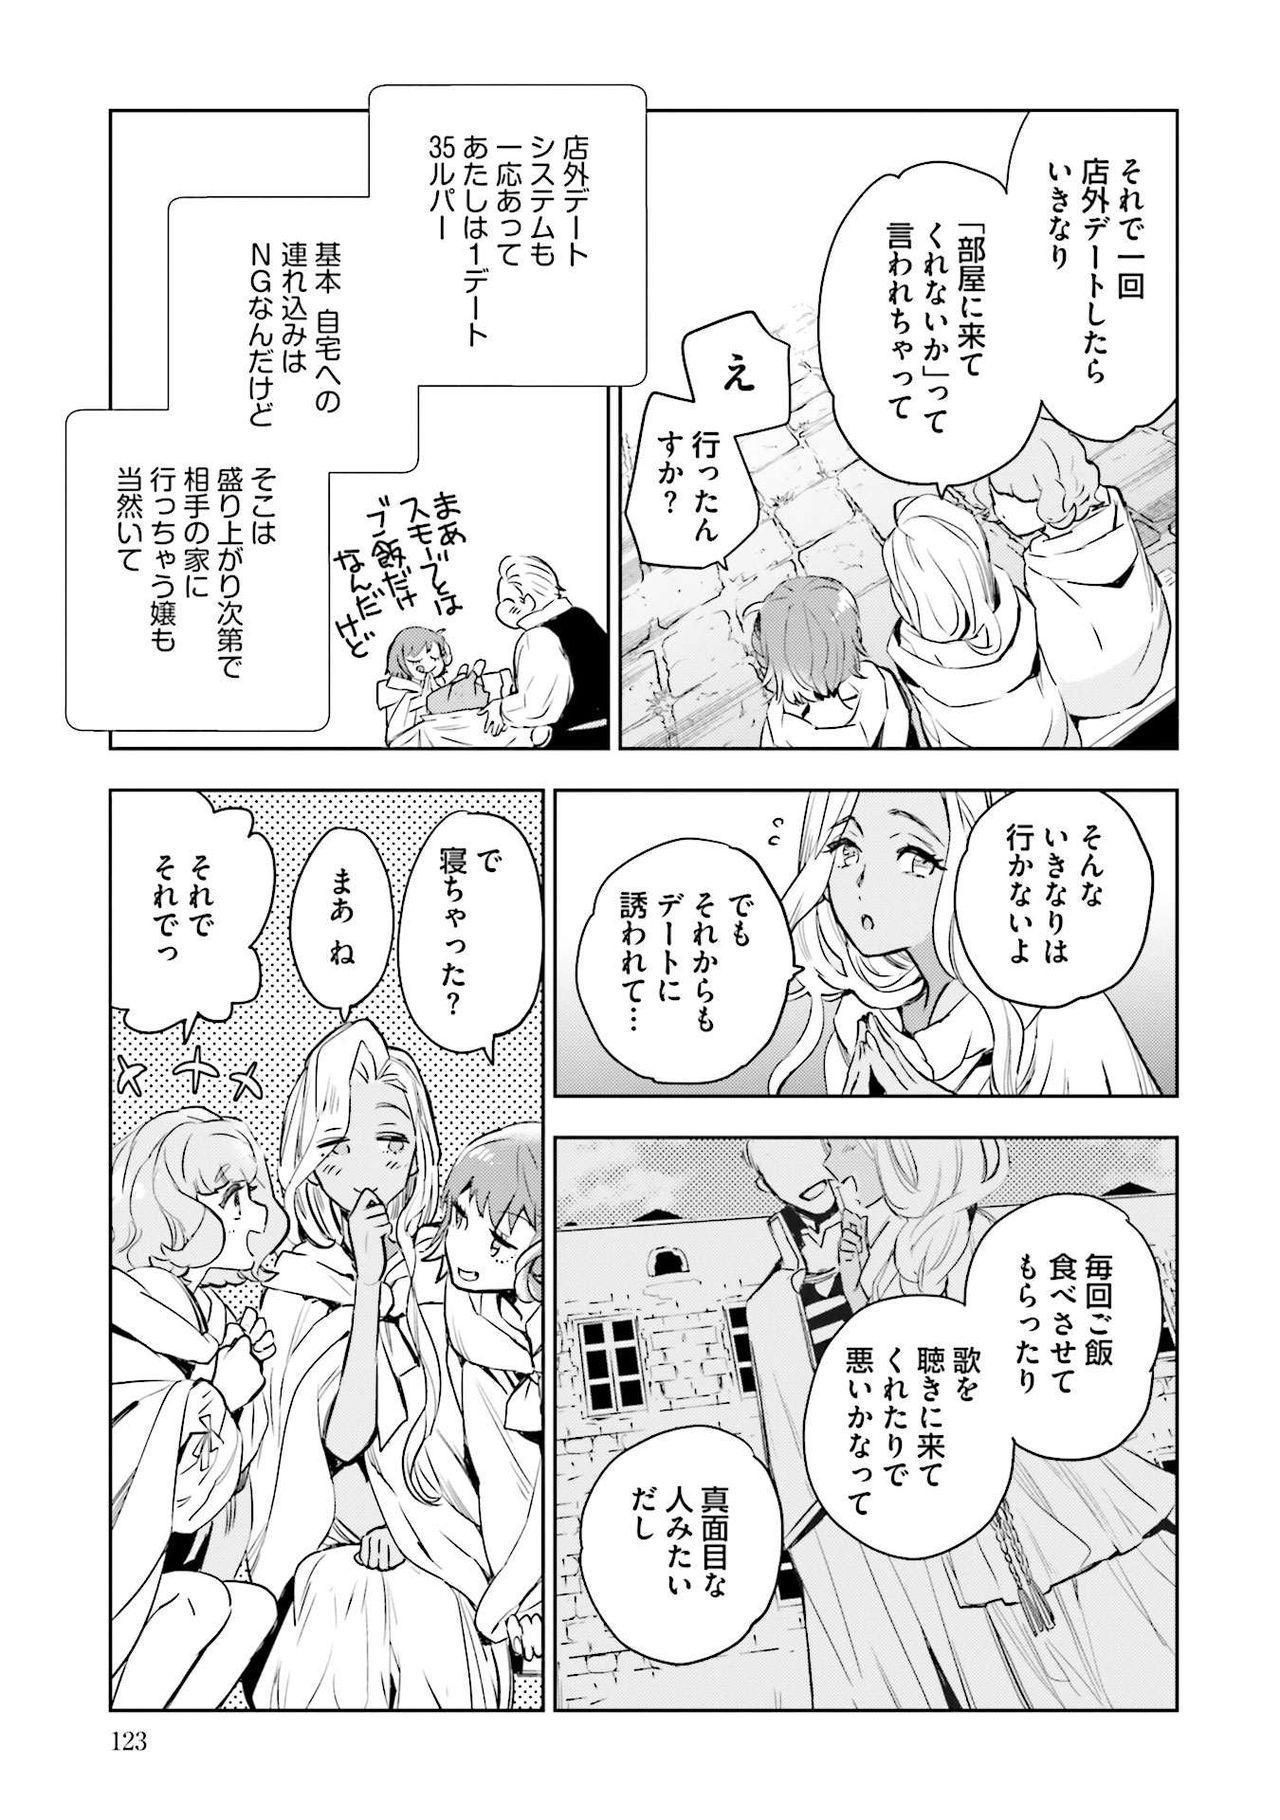 JK Haru wa Isekai de Shoufu ni Natta 1-14 124